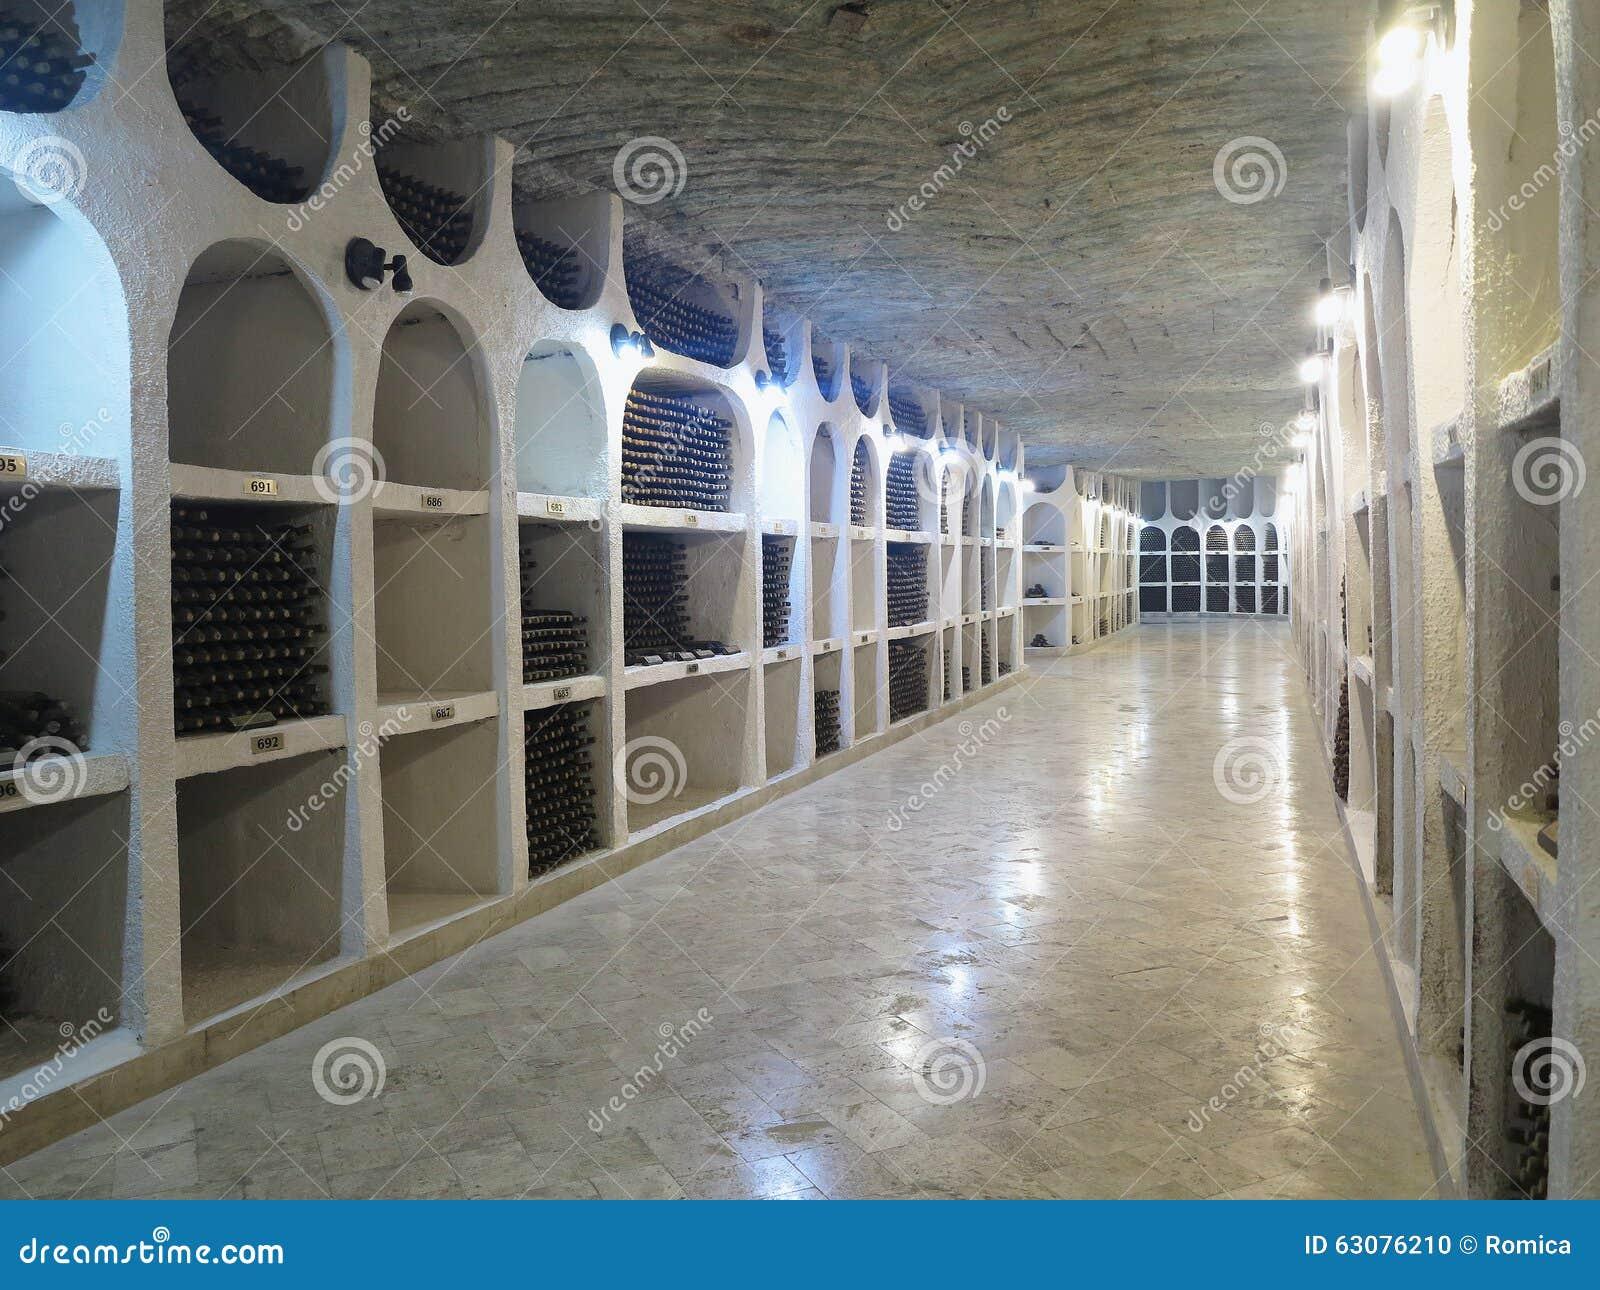 Download 03 10 2015, CRICOVA, Grande Cave Souterraine De MOLDAU Avec La Co Image éditorial - Image du foncé, bouteilles: 63076210